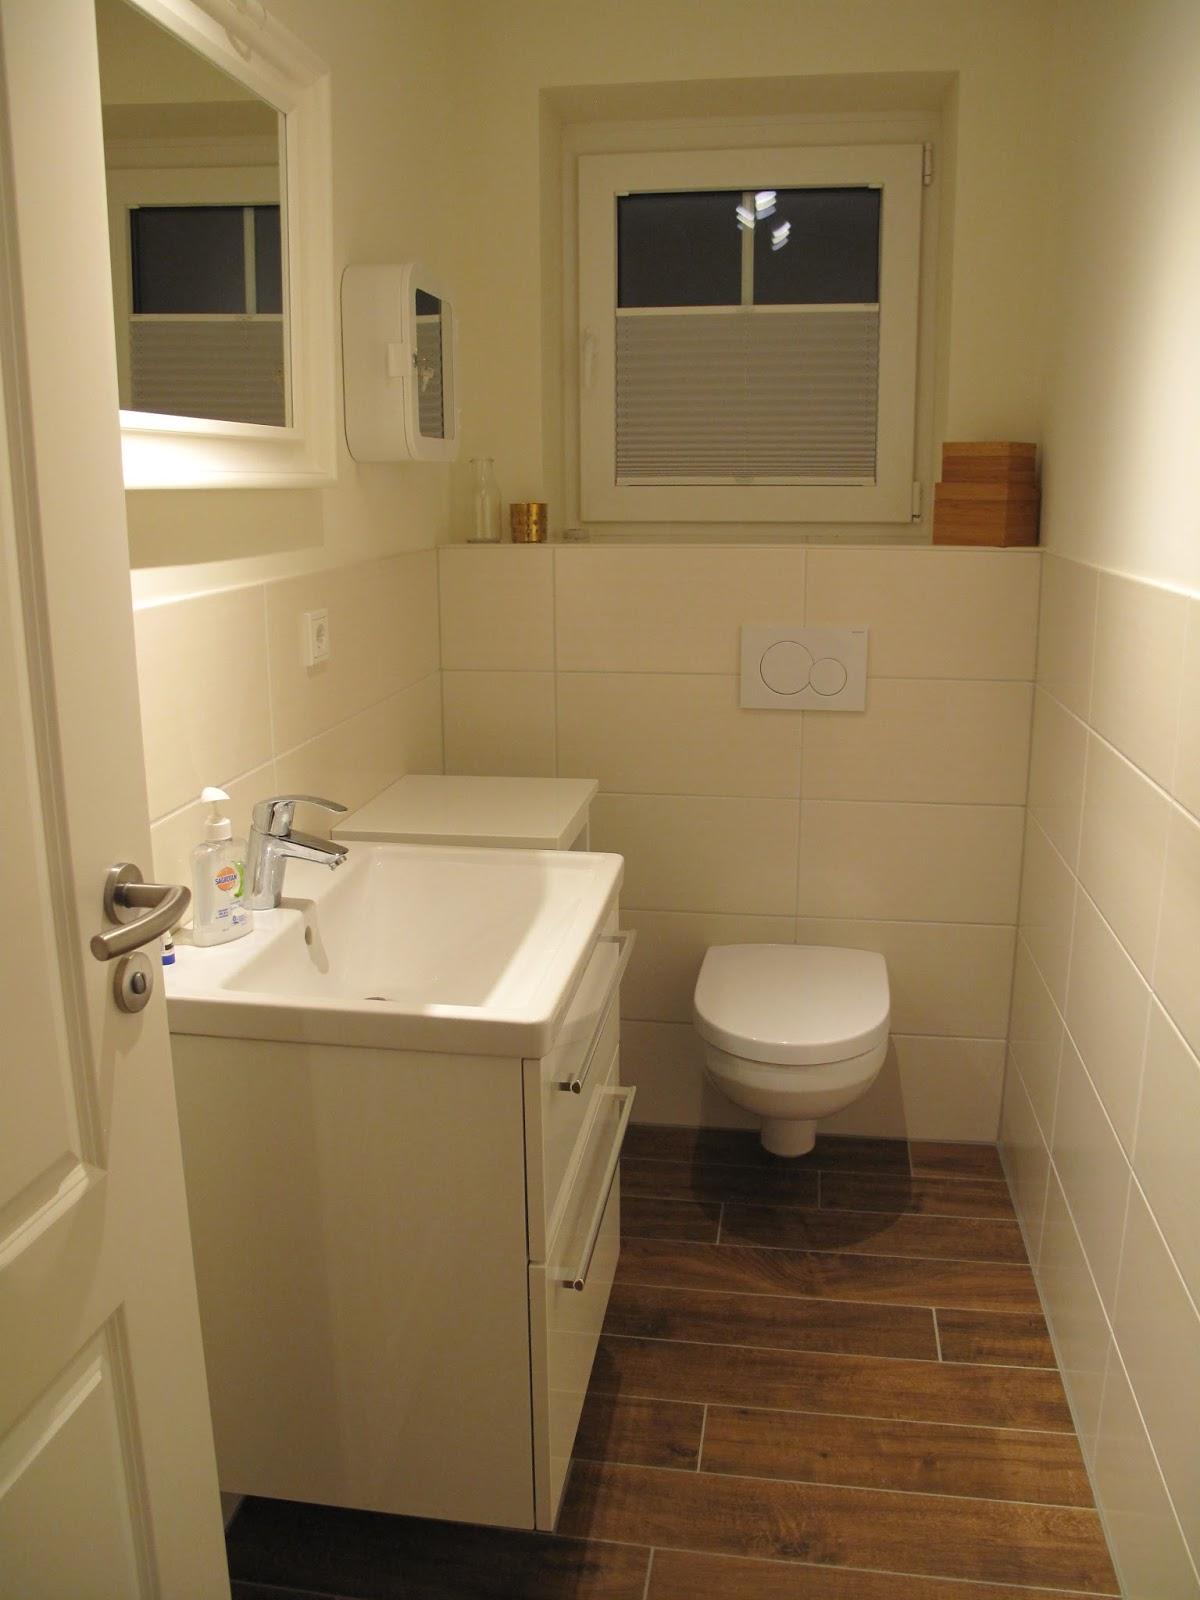 Eine Stadtvilla fr Familie K.: Kche und Badezimmer.